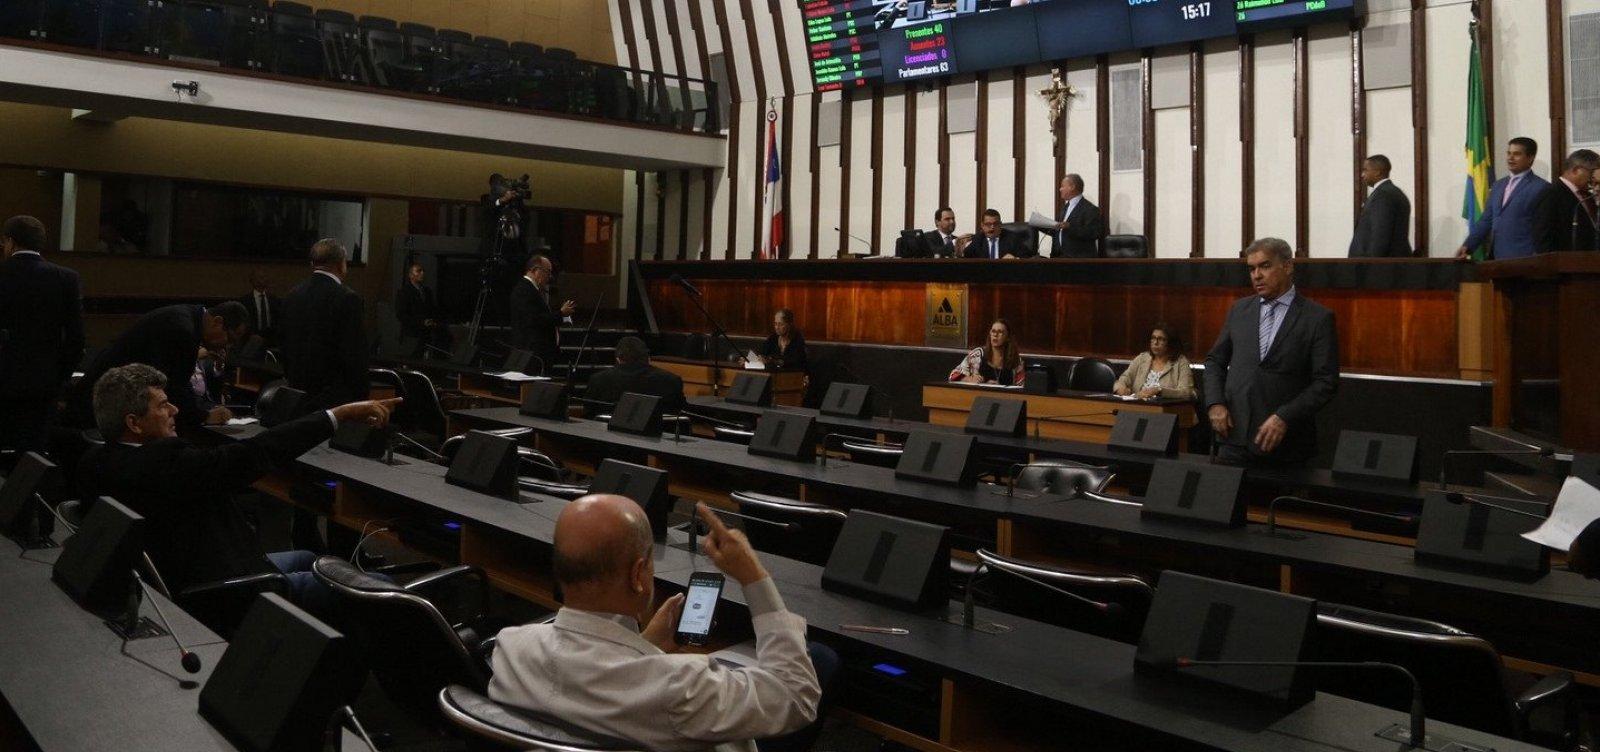 [AL-BA condiciona aprovação de remodelação do Estado a suplementação de R$ 80 mi]